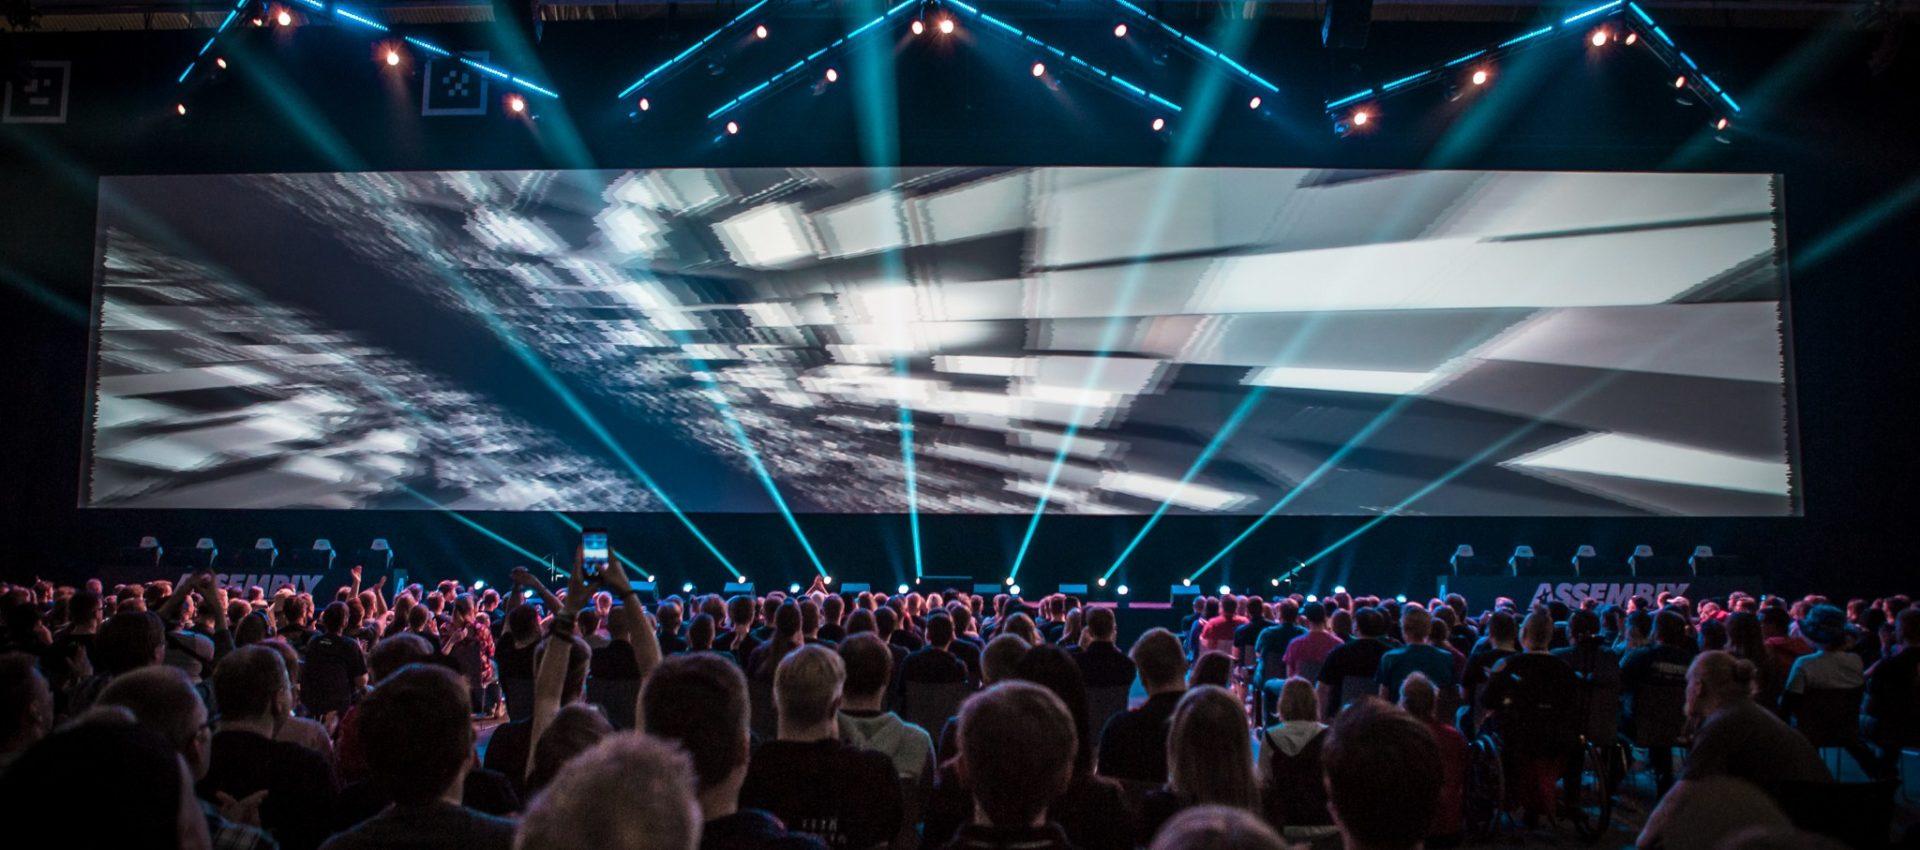 Assembly Summer 2019 (c)Otto Jahnukainen